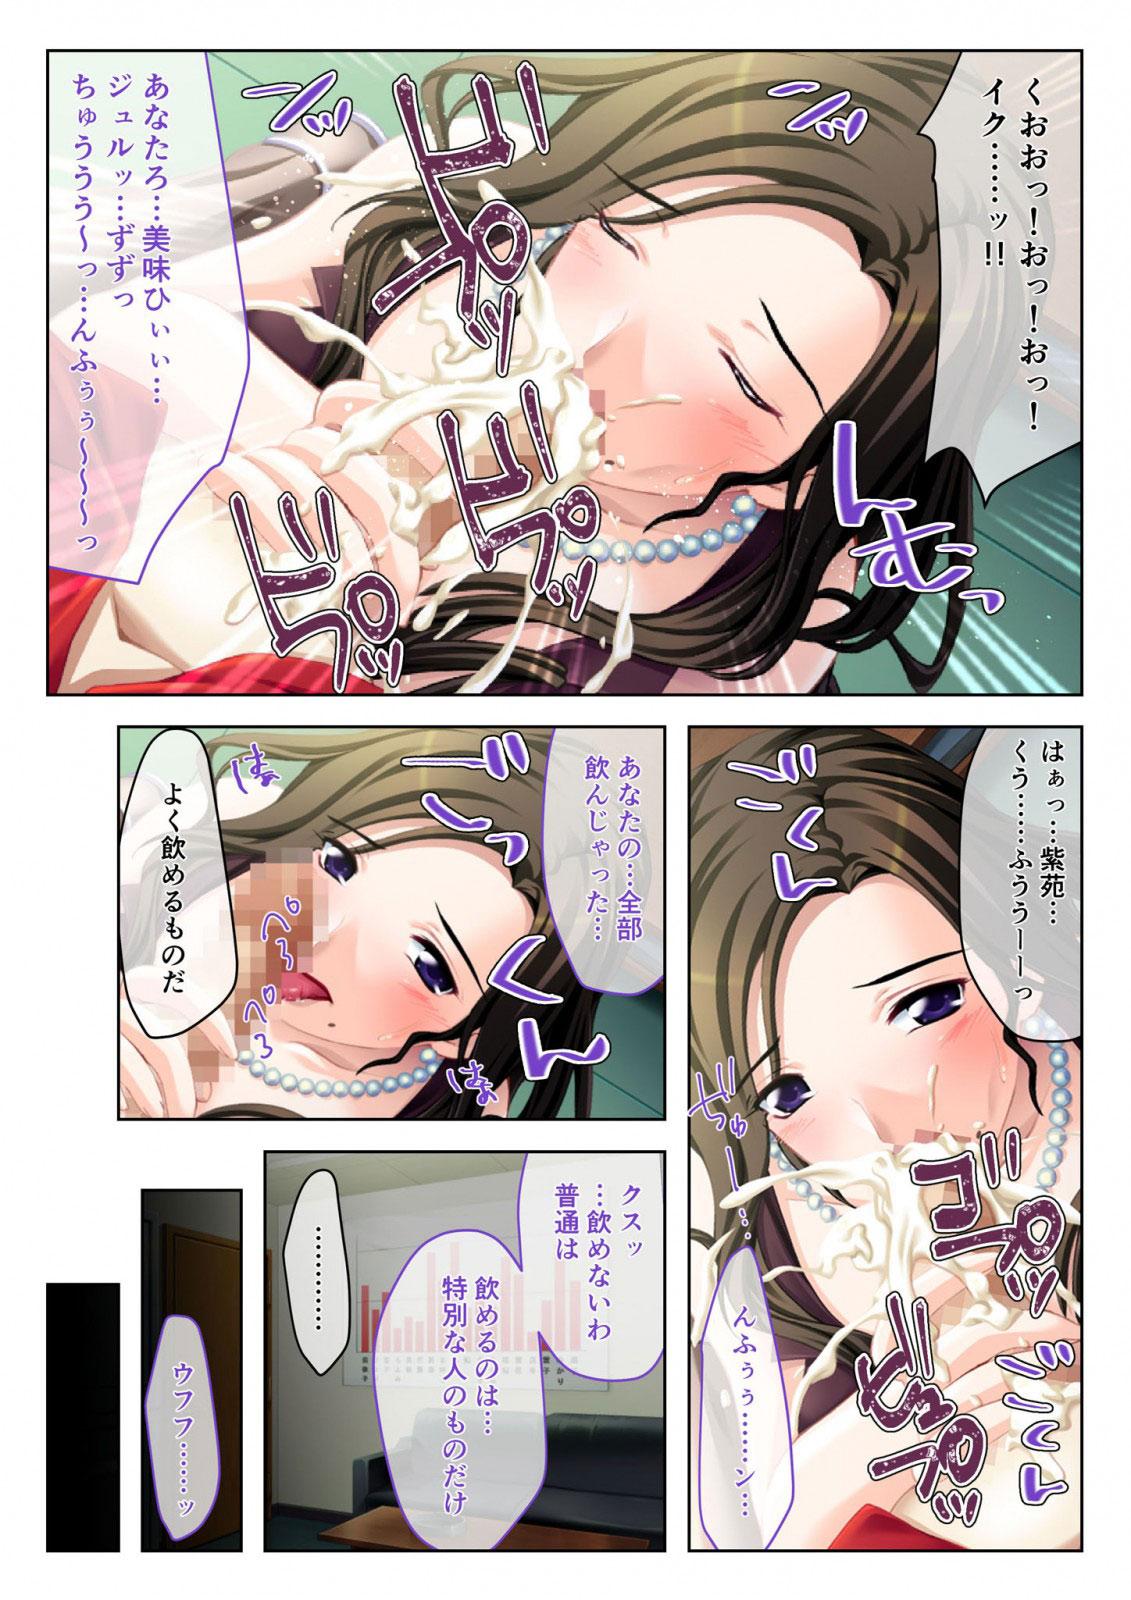 イクまで徹底性指導〜生意気キャバ嬢を従順にする方法〜 モザイクコミック総集編のサンプル画像3